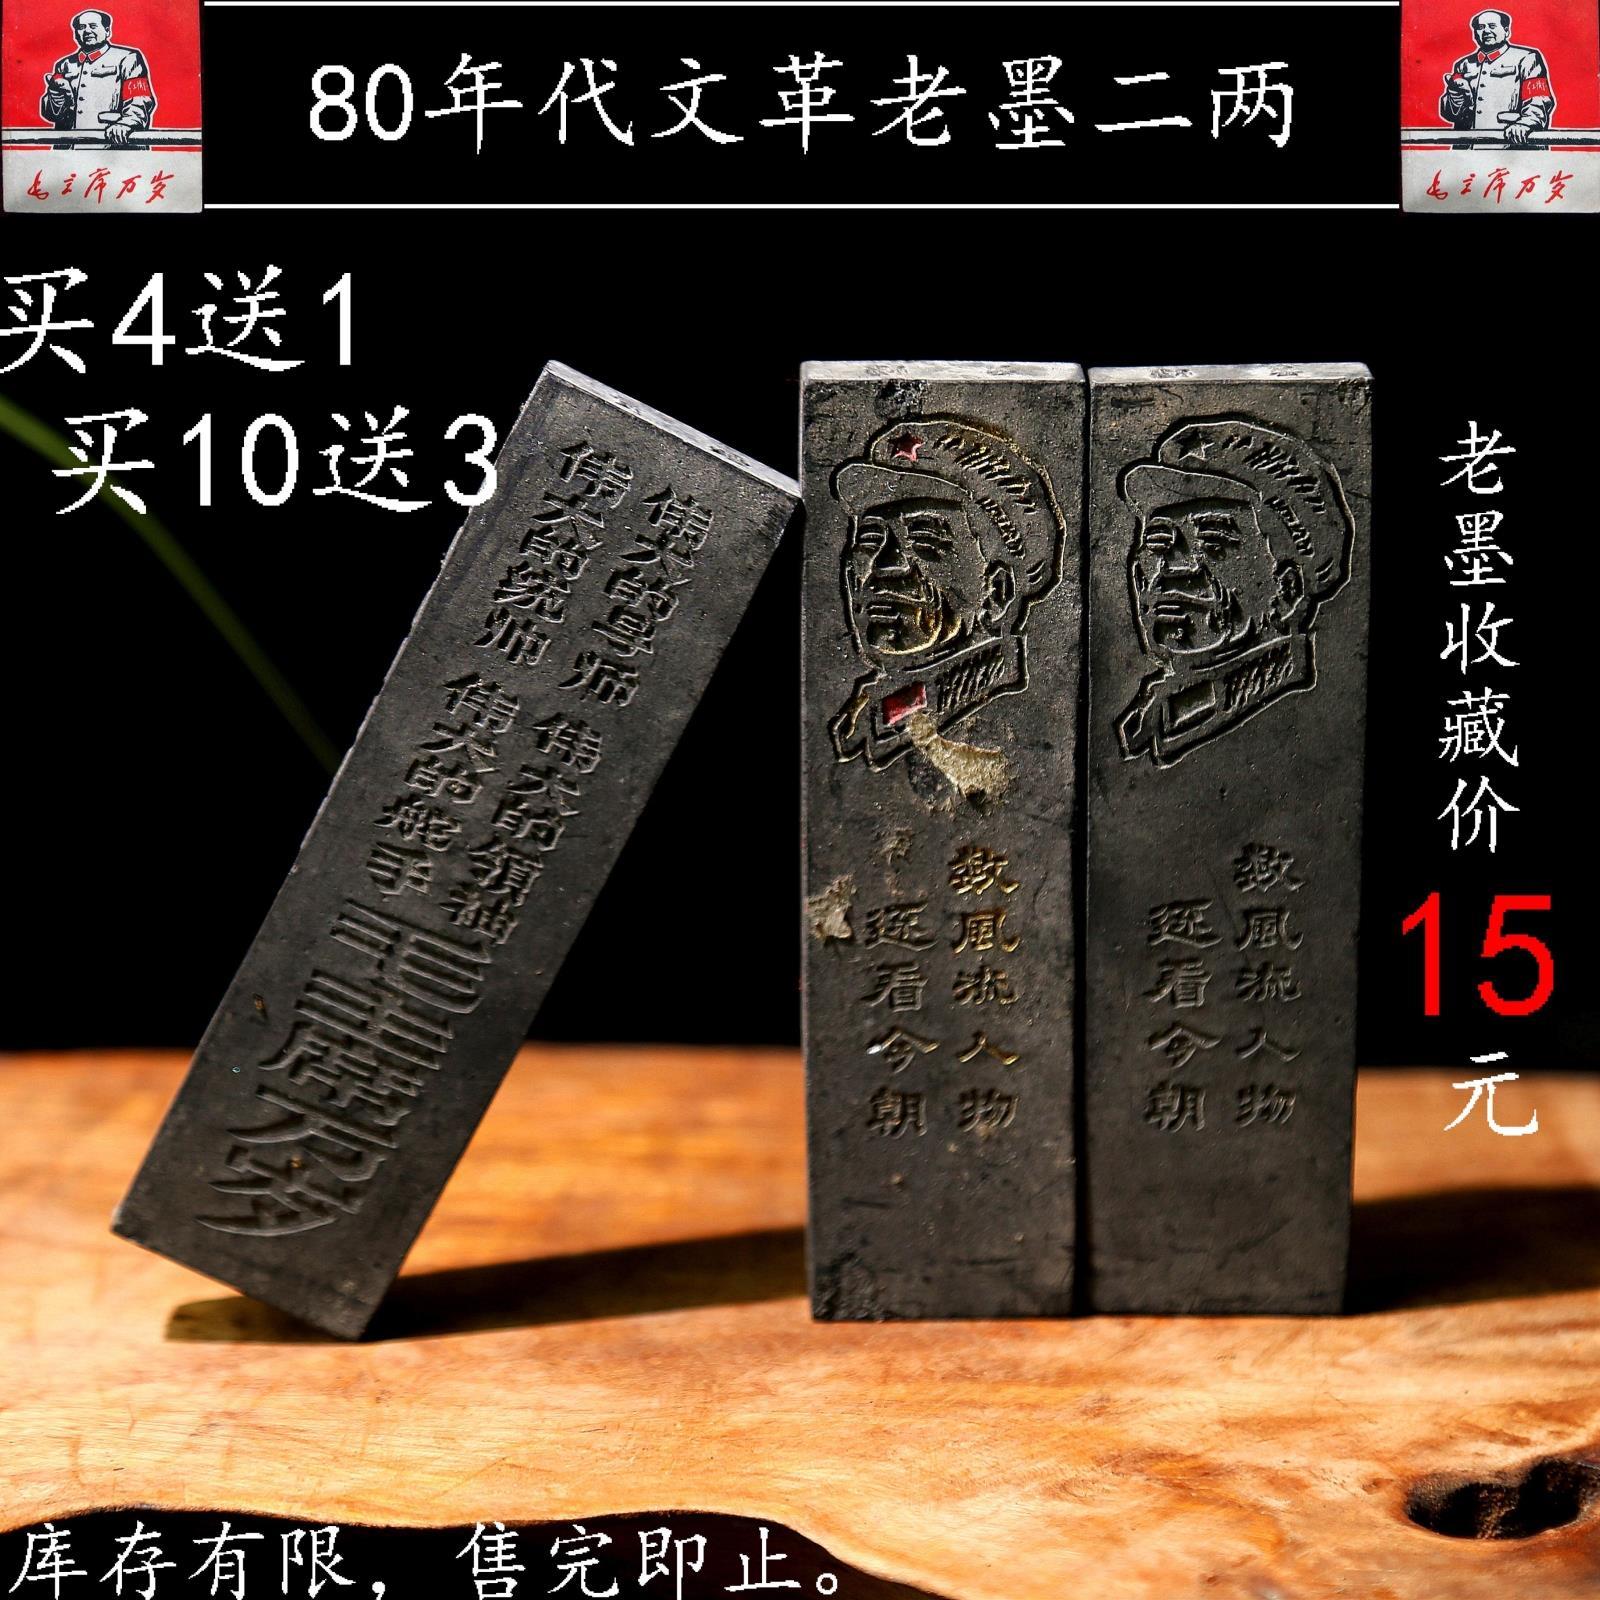 Huimo старые чернила 80 лет поколение Две или две чернильные чернила с чернилами чернил полосатый Коллекция чернильных чернил для чернил